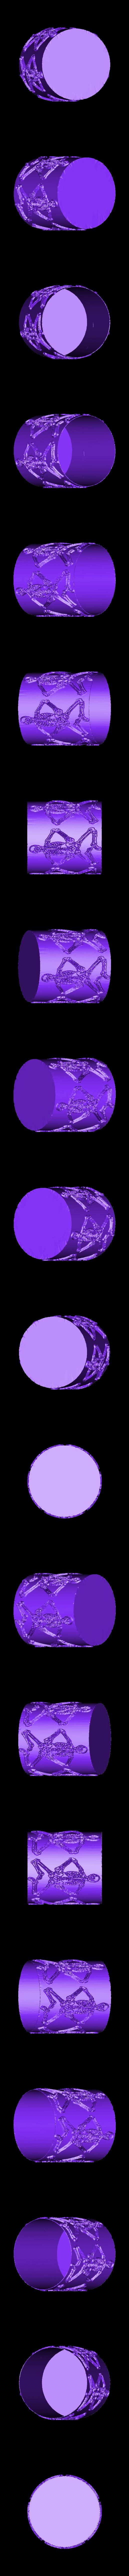 Skeleton-Light_02.stl Télécharger fichier STL gratuit Skeleton-Light • Plan imprimable en 3D, FraGar